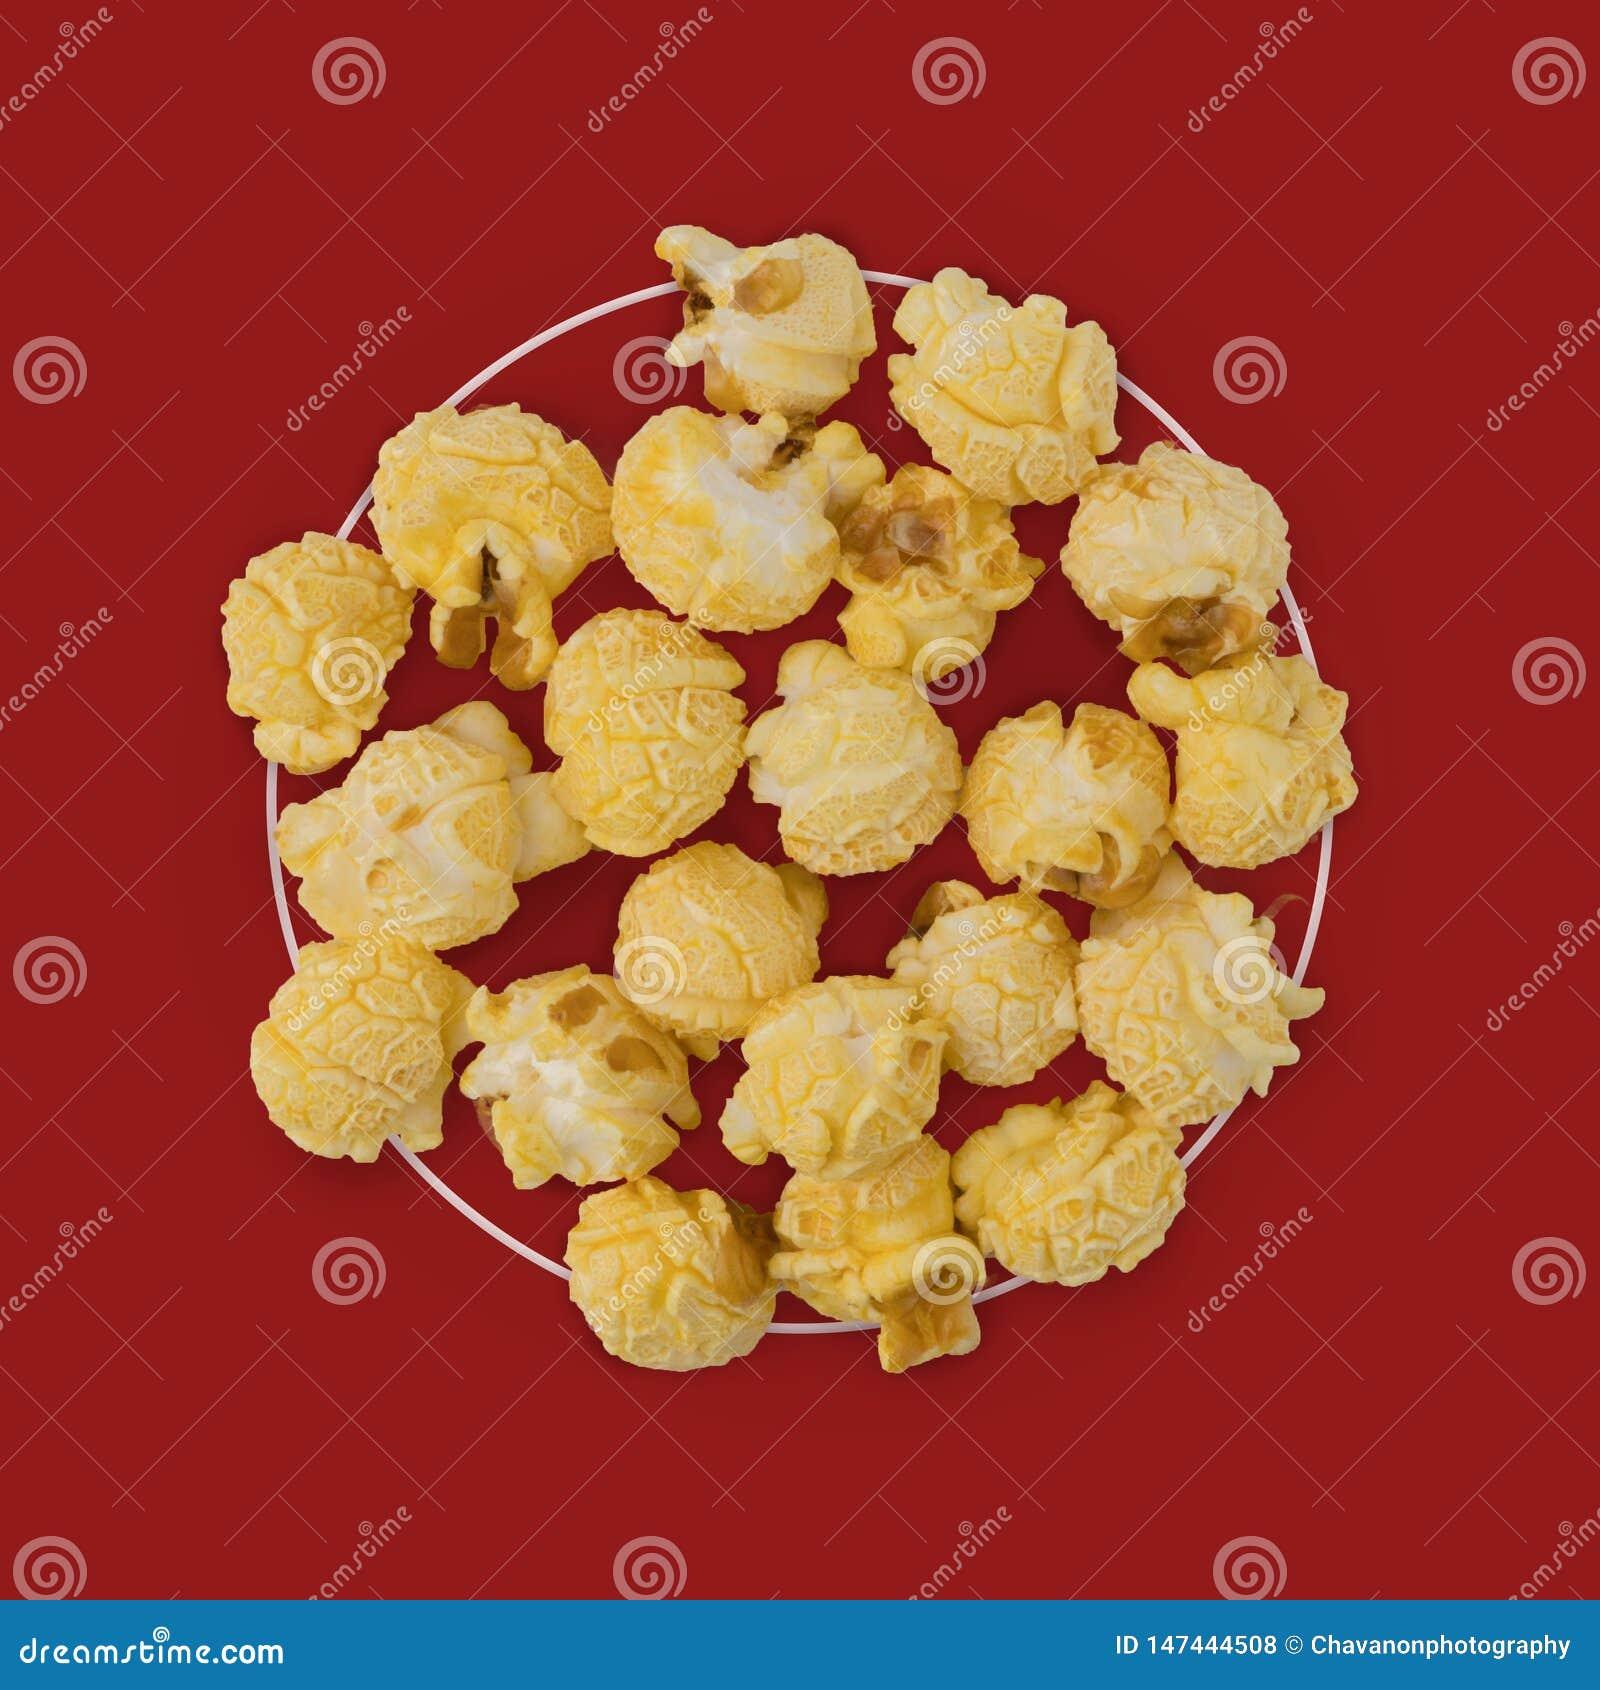 Flache gelegte Zusammensetzung des Popcorns auf Farbhintergrund moderne Art des Kinoimbiss-Konzeptes Kreative Fotografie Kopieren